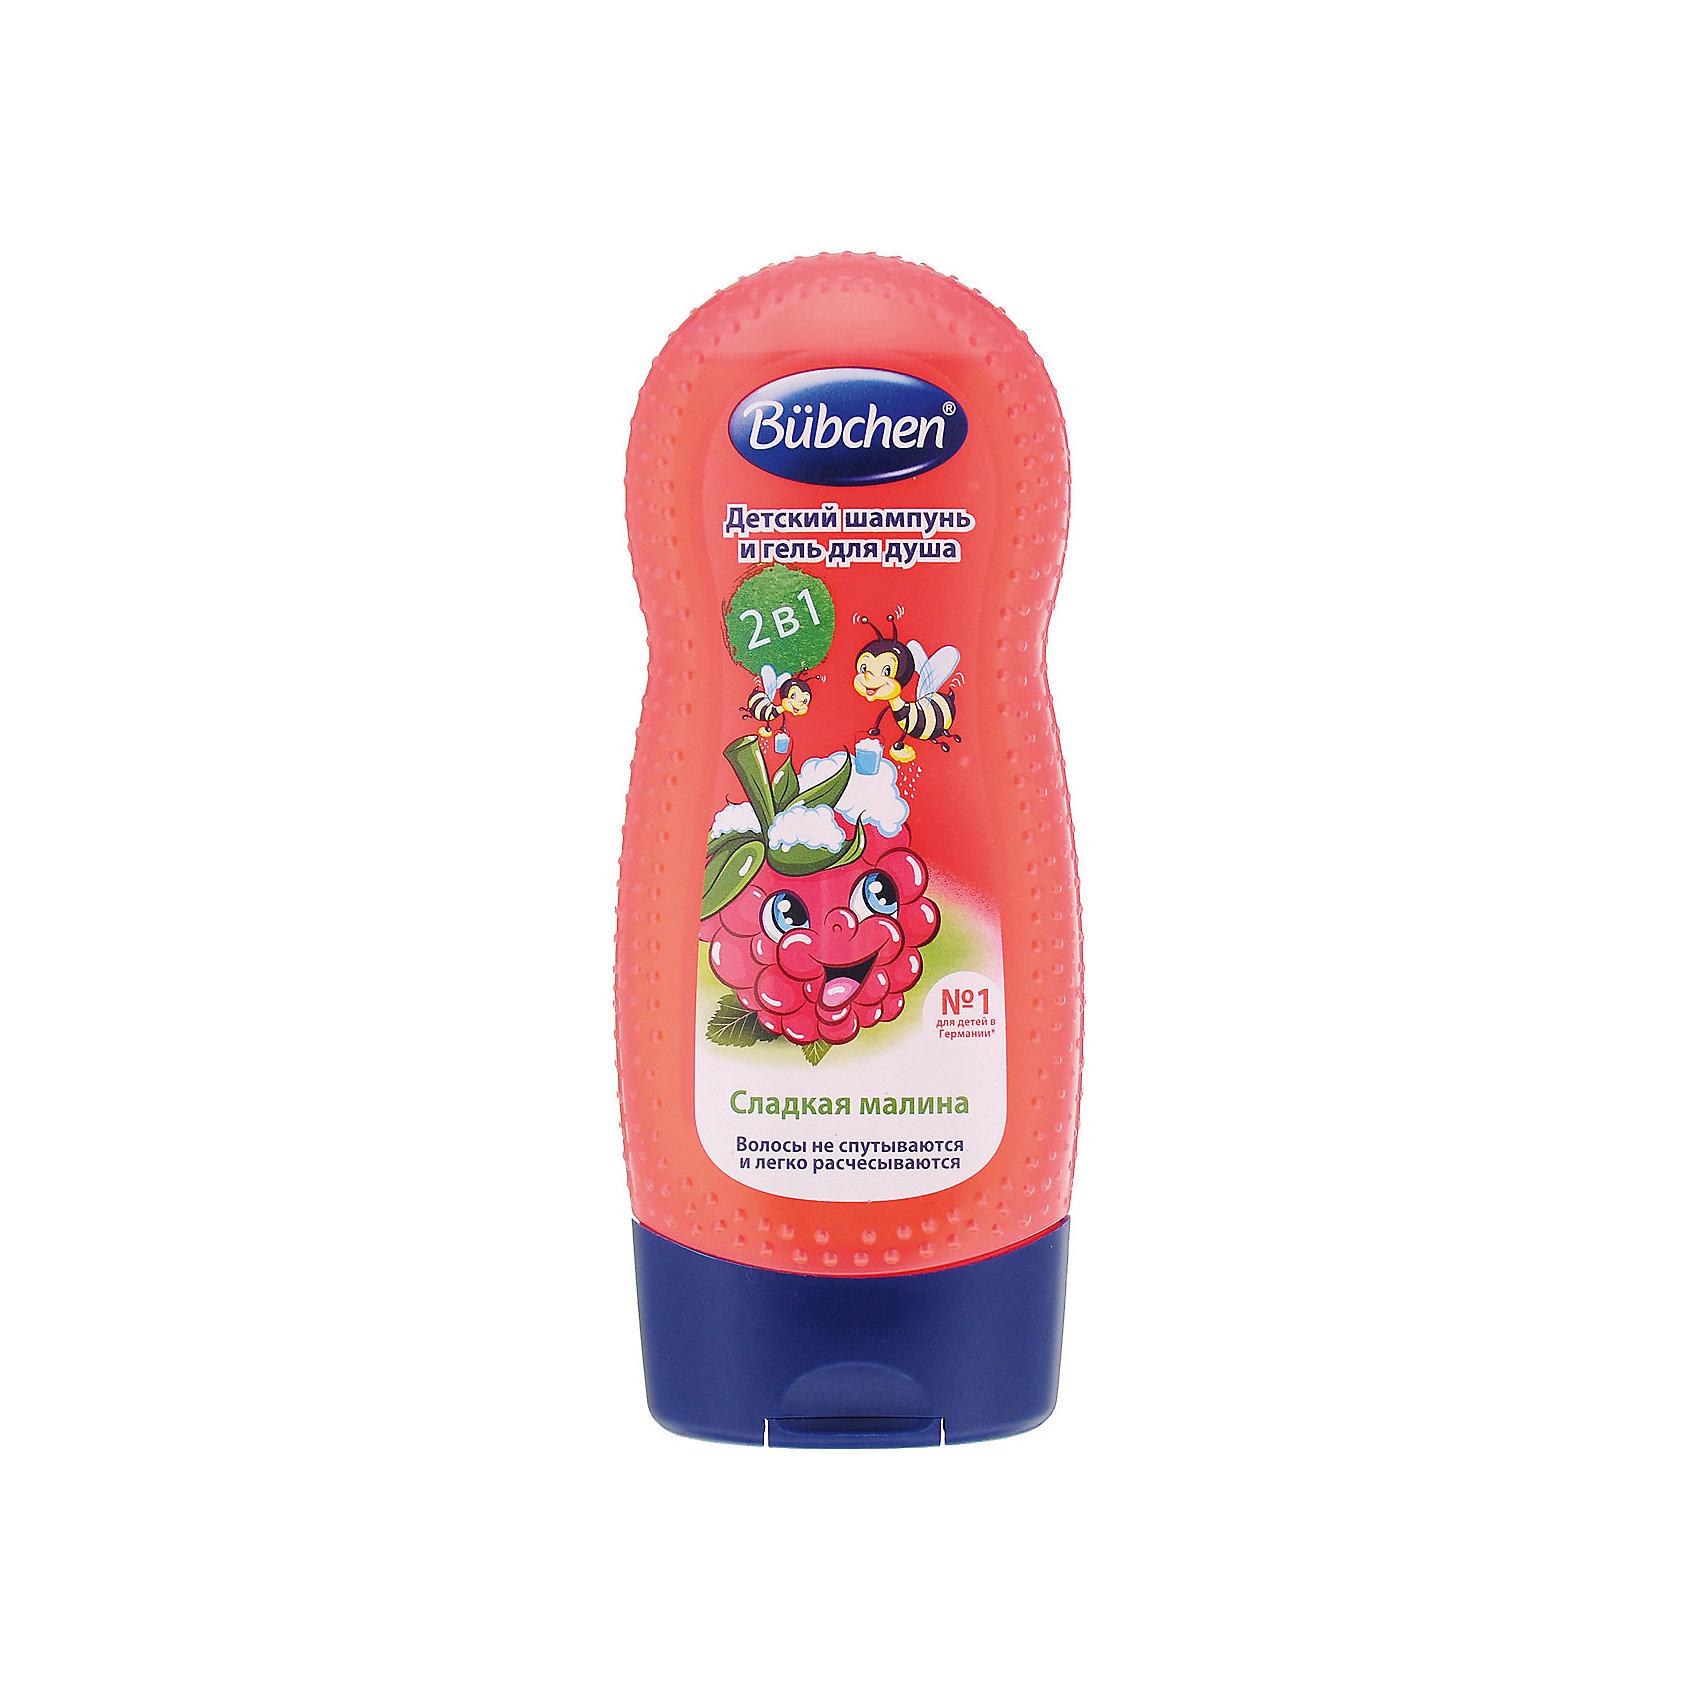 Шампунь для мытья волос и тела Малина, Bubchen, 230 мл.Шампуни<br>Шампунь для мытья волос и тела Малина, Bubchen, 230 мл. - мягко и бережно очистит кожу и волосы малыша.<br><br>Шампунь содержит активные компоненты на растительной основе: Алоэ Вера, провитамин В5 и протеины пшеницы, которые способствуют нежному очищению и защите детской кожи. Натуральные питательные вещества укрепляют волосы и придают им волшебный шелковистый блеск. После мытья волосы легко расчесываются. Шампунь не раздражает глаза и не вызывает слез. Шампунь Малина совмещает в себе гель для тела и шампунь. Не содержит вызывающих аллергическую реакцию ароматизаторов и красителей, pH-нейтрален.<br><br>Дополнительная информация:<br><br>- размер 65х40х170 мм<br>- объем: 230 мл.<br><br>Шампунь для мытья волос и тела Малина, Bubchen, 230 мл. имеет чарующий запах малины, который превратит купание в настоящее удовольствие.<br><br>Шампунь для мытья волос и тела Малина, Bubchen, 230 мл. можно купить в нашем магазине.<br><br>Ширина мм: 67<br>Глубина мм: 35<br>Высота мм: 170<br>Вес г: 260<br>Возраст от месяцев: 24<br>Возраст до месяцев: 2147483647<br>Пол: Унисекс<br>Возраст: Детский<br>SKU: 3713818